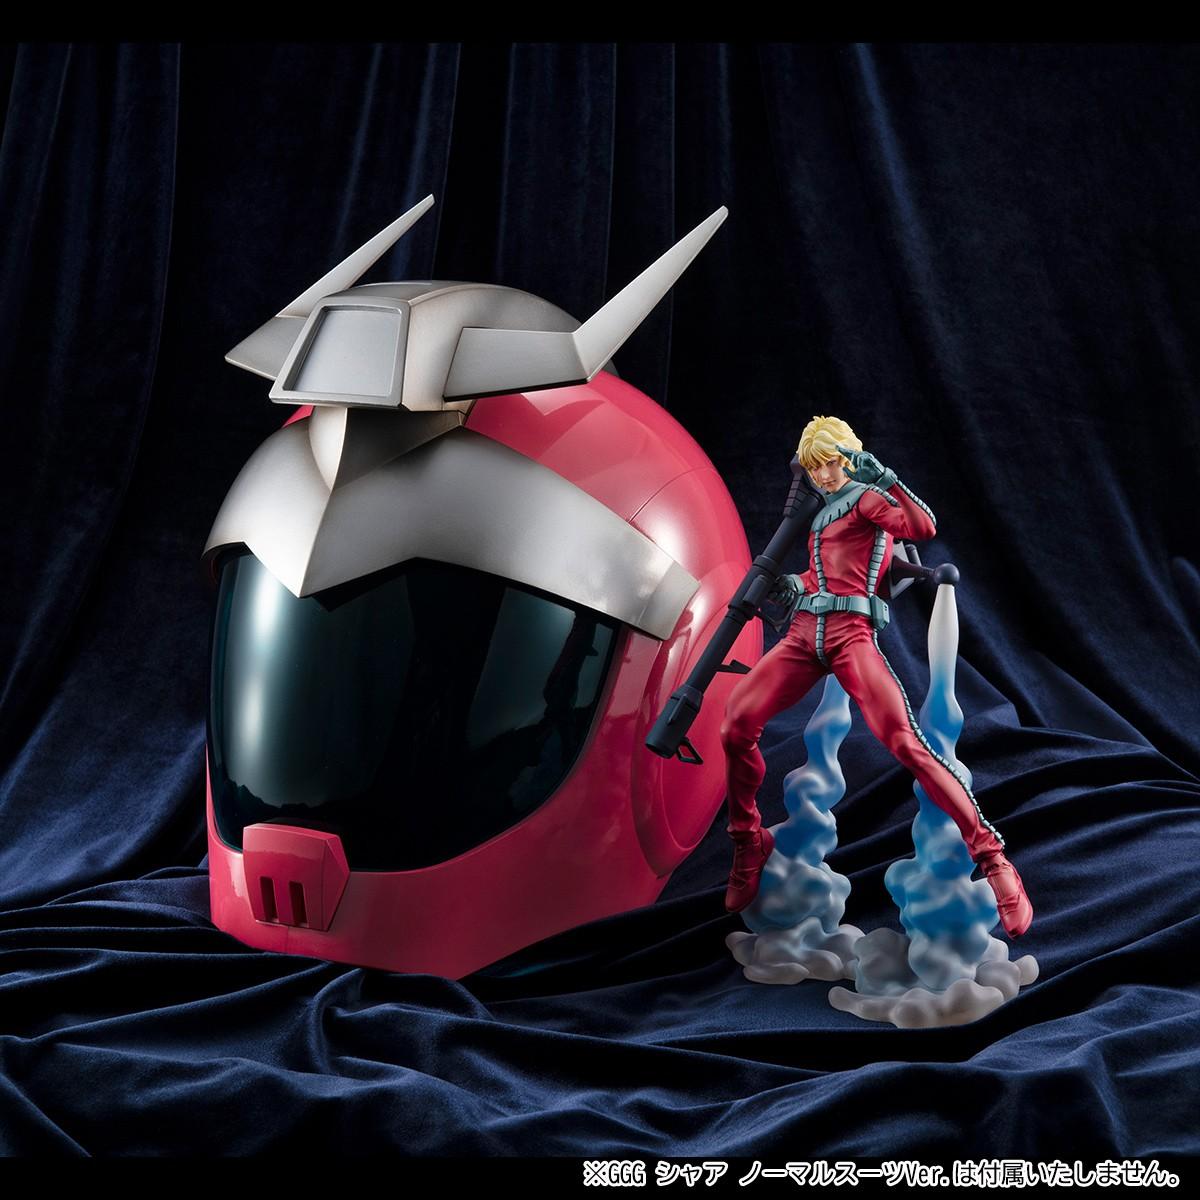 《高达》主题完整尺寸夏亚头盔公开 颜色略有差异